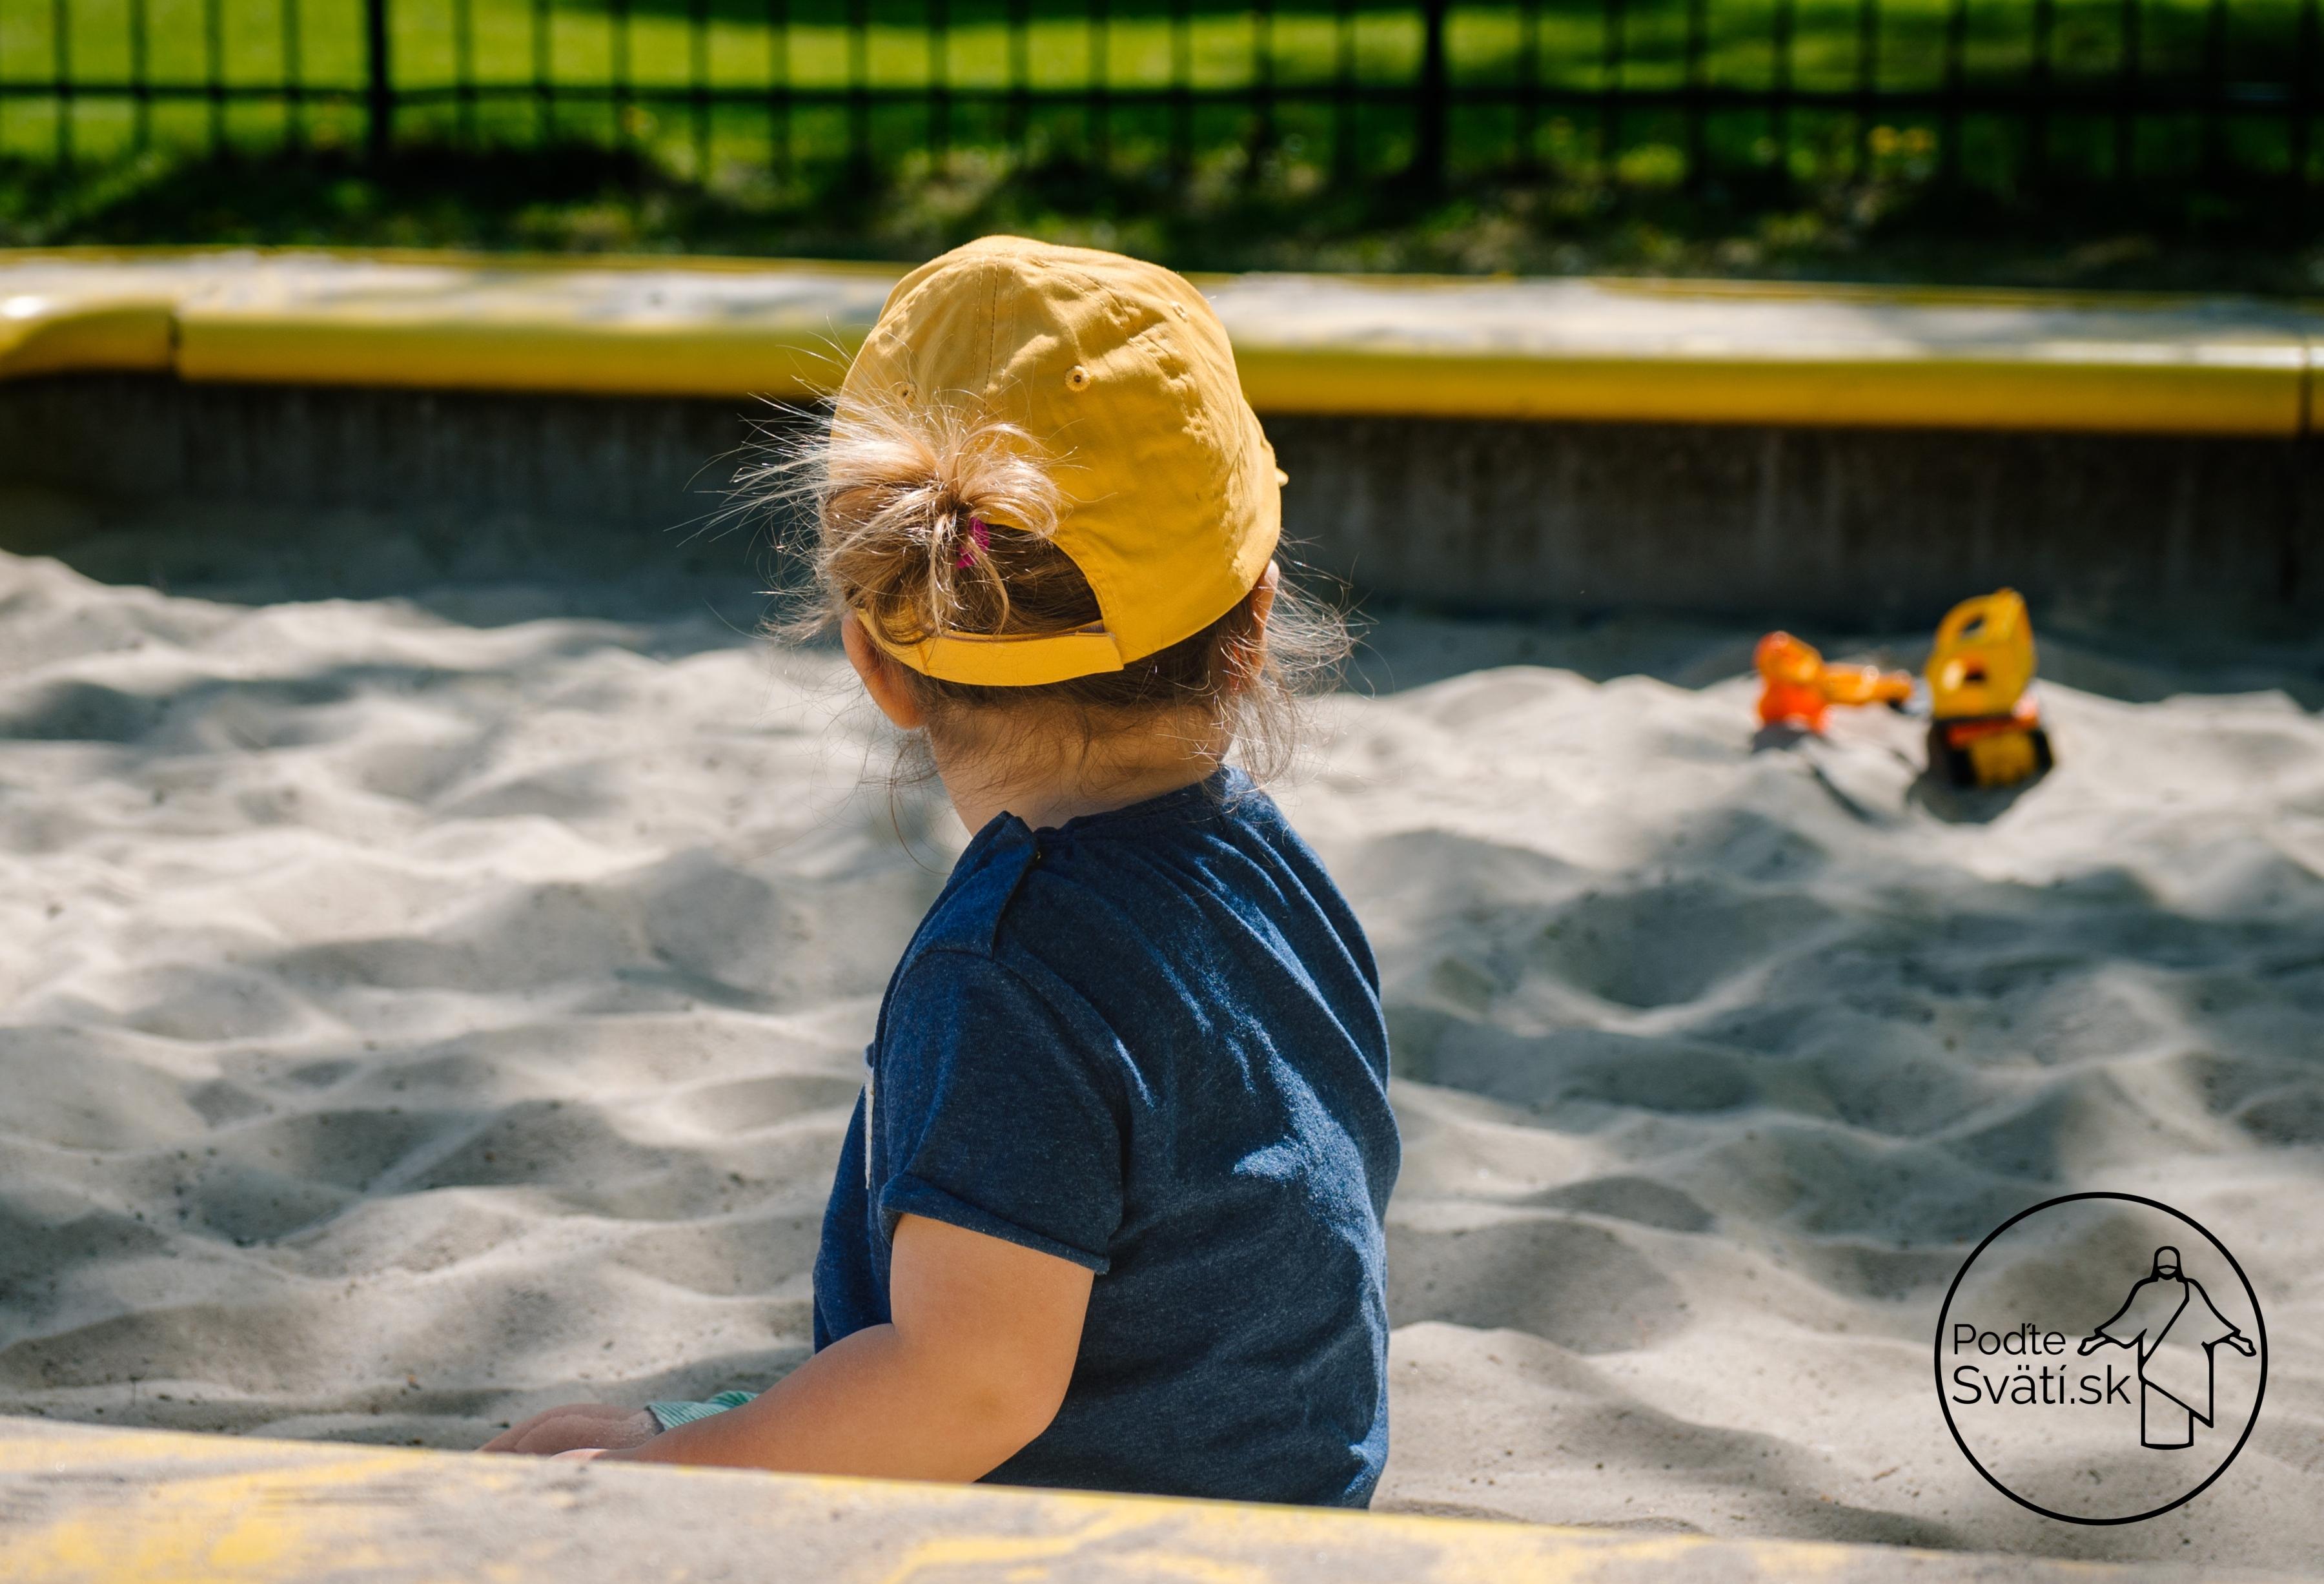 Musíme si odpustiť – v pieskovisku, Cirkvi, či na pracovisku